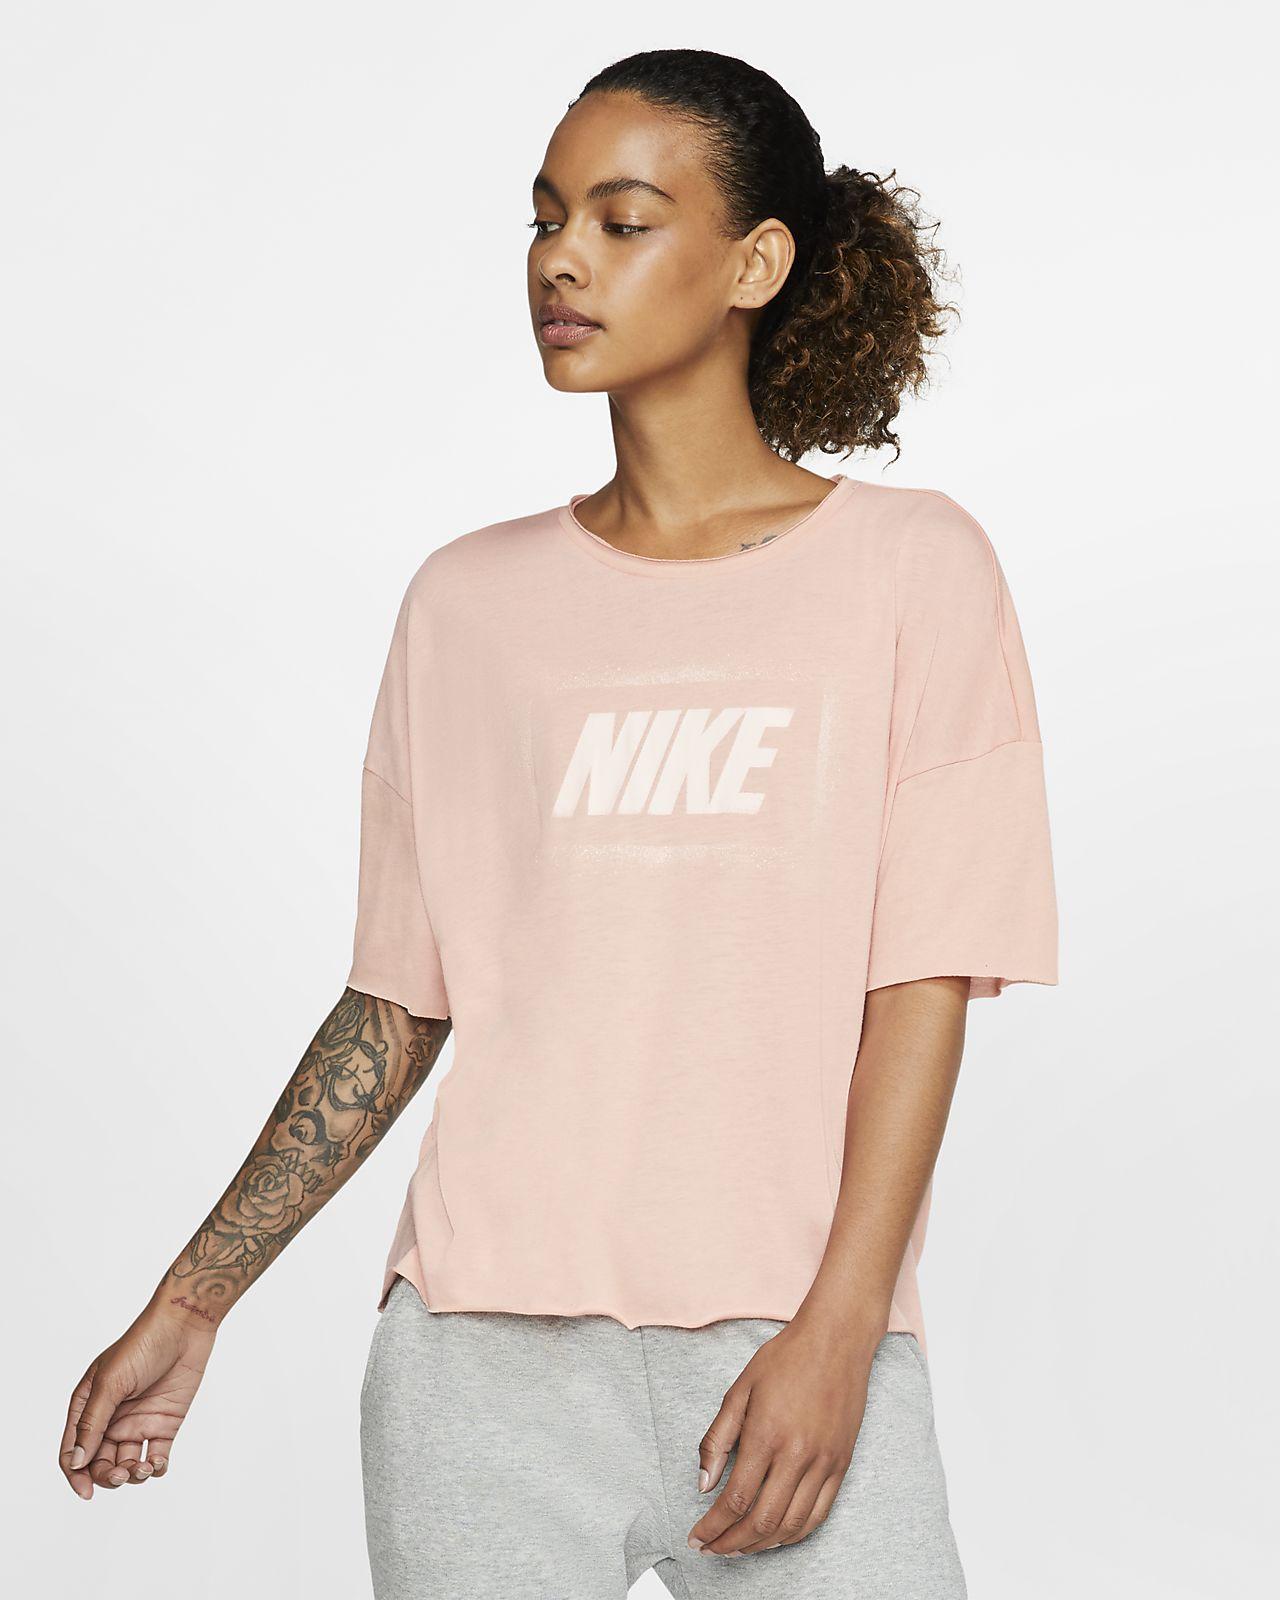 Nike Dri-FIT Kısa Kollu Grafikli Kadın Antrenman Üstü